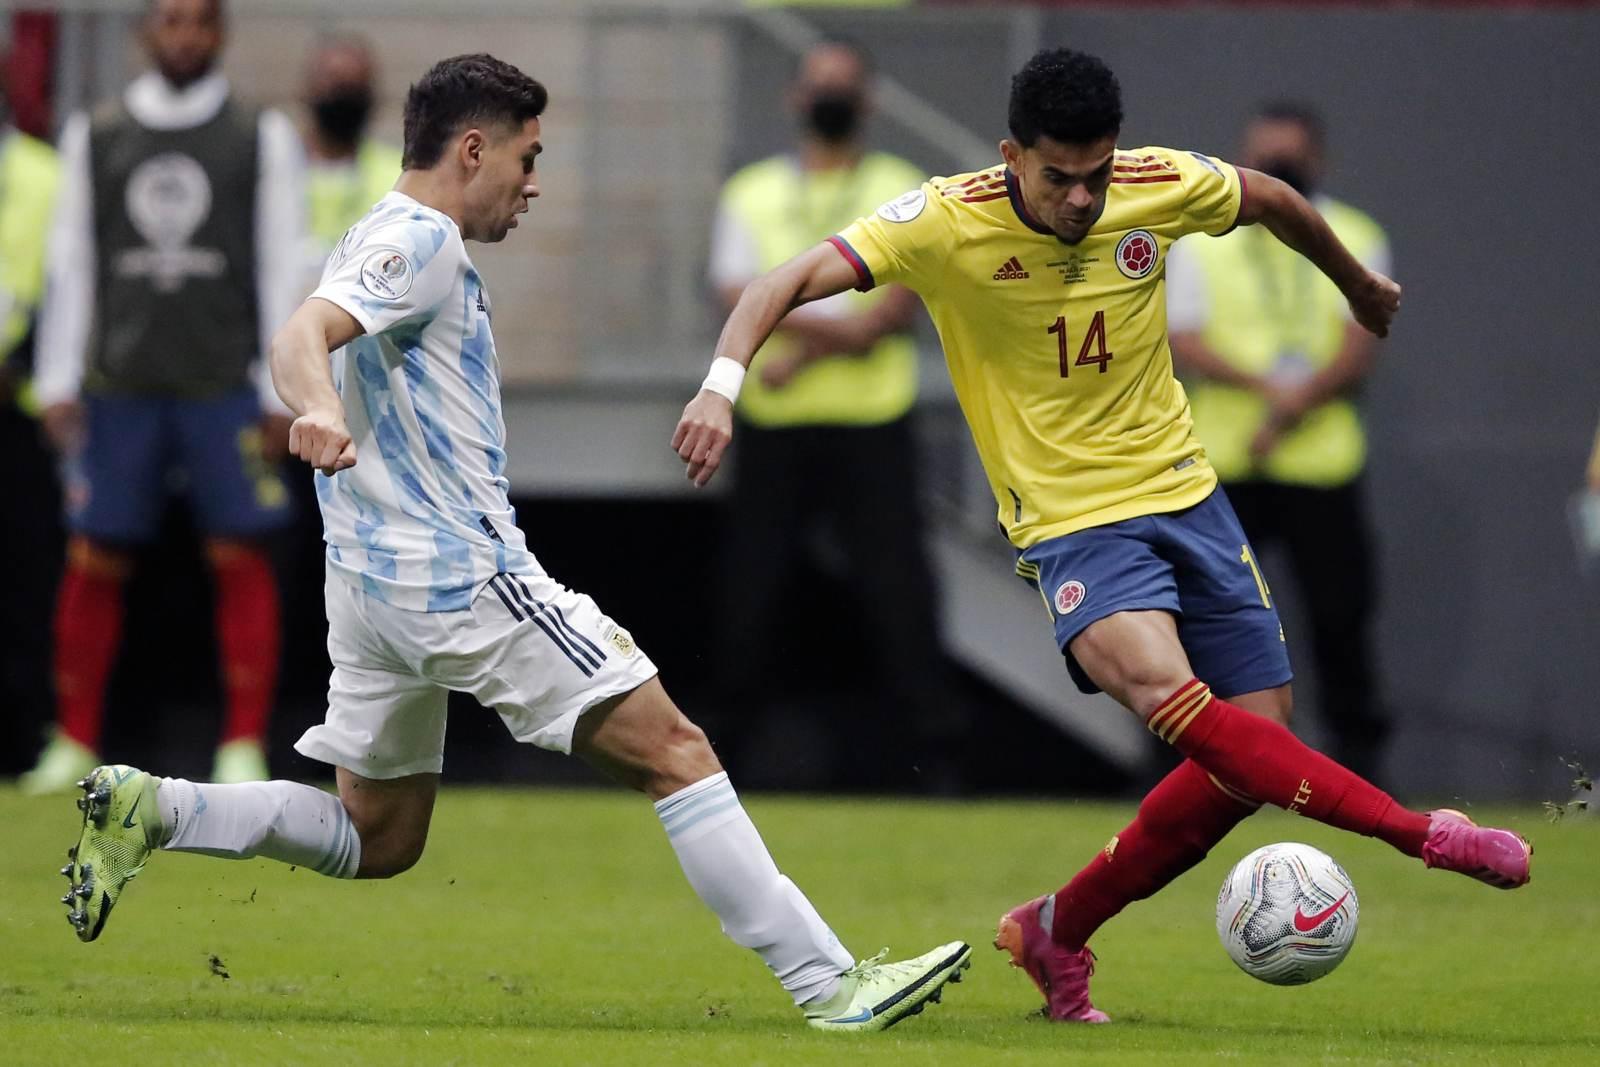 Колумбия на последних секундах красивым голом вырвала третье место на Кубке Америки